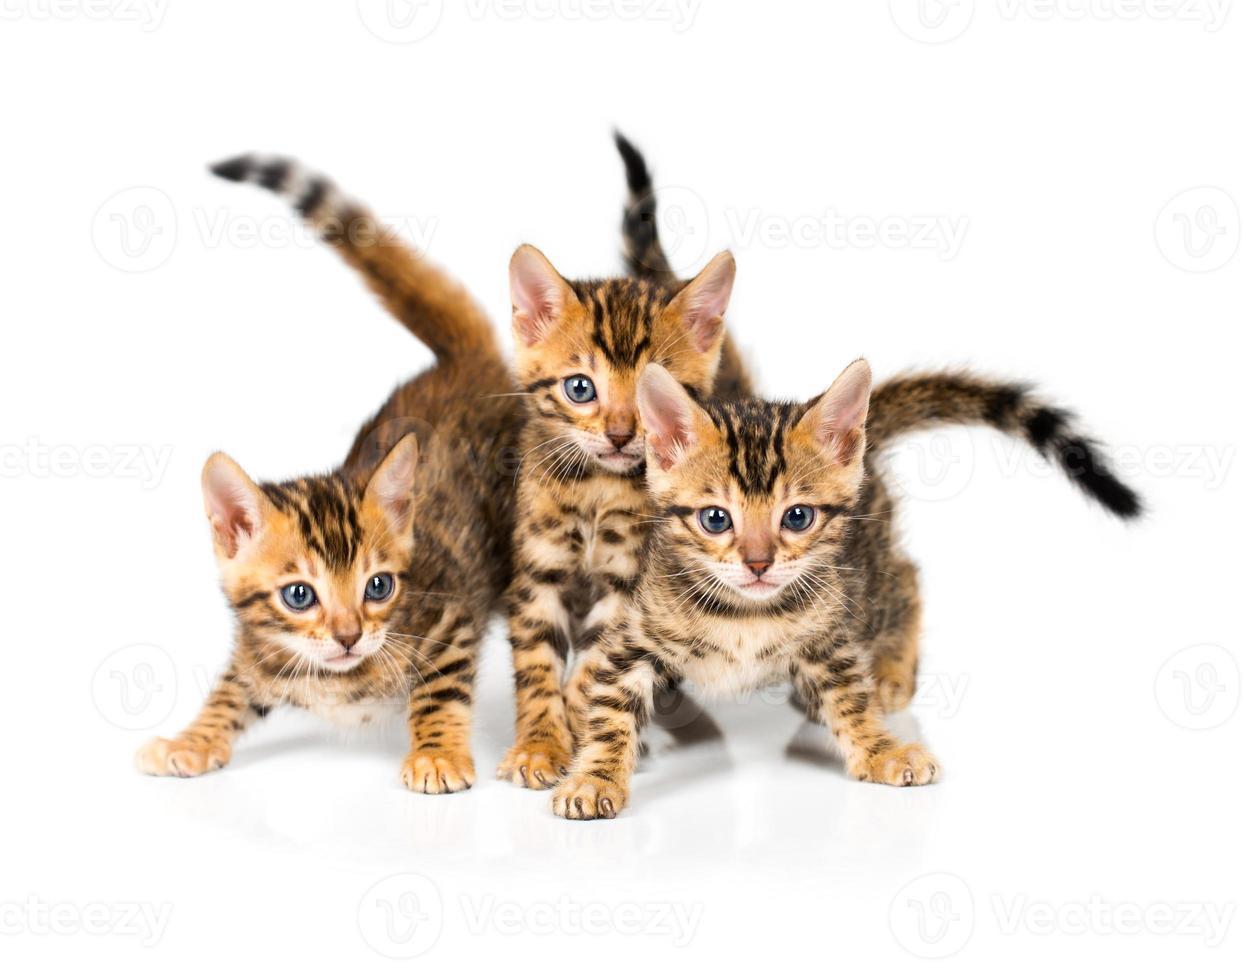 drei bengalisches Kätzchen auf weißem Hintergrund foto